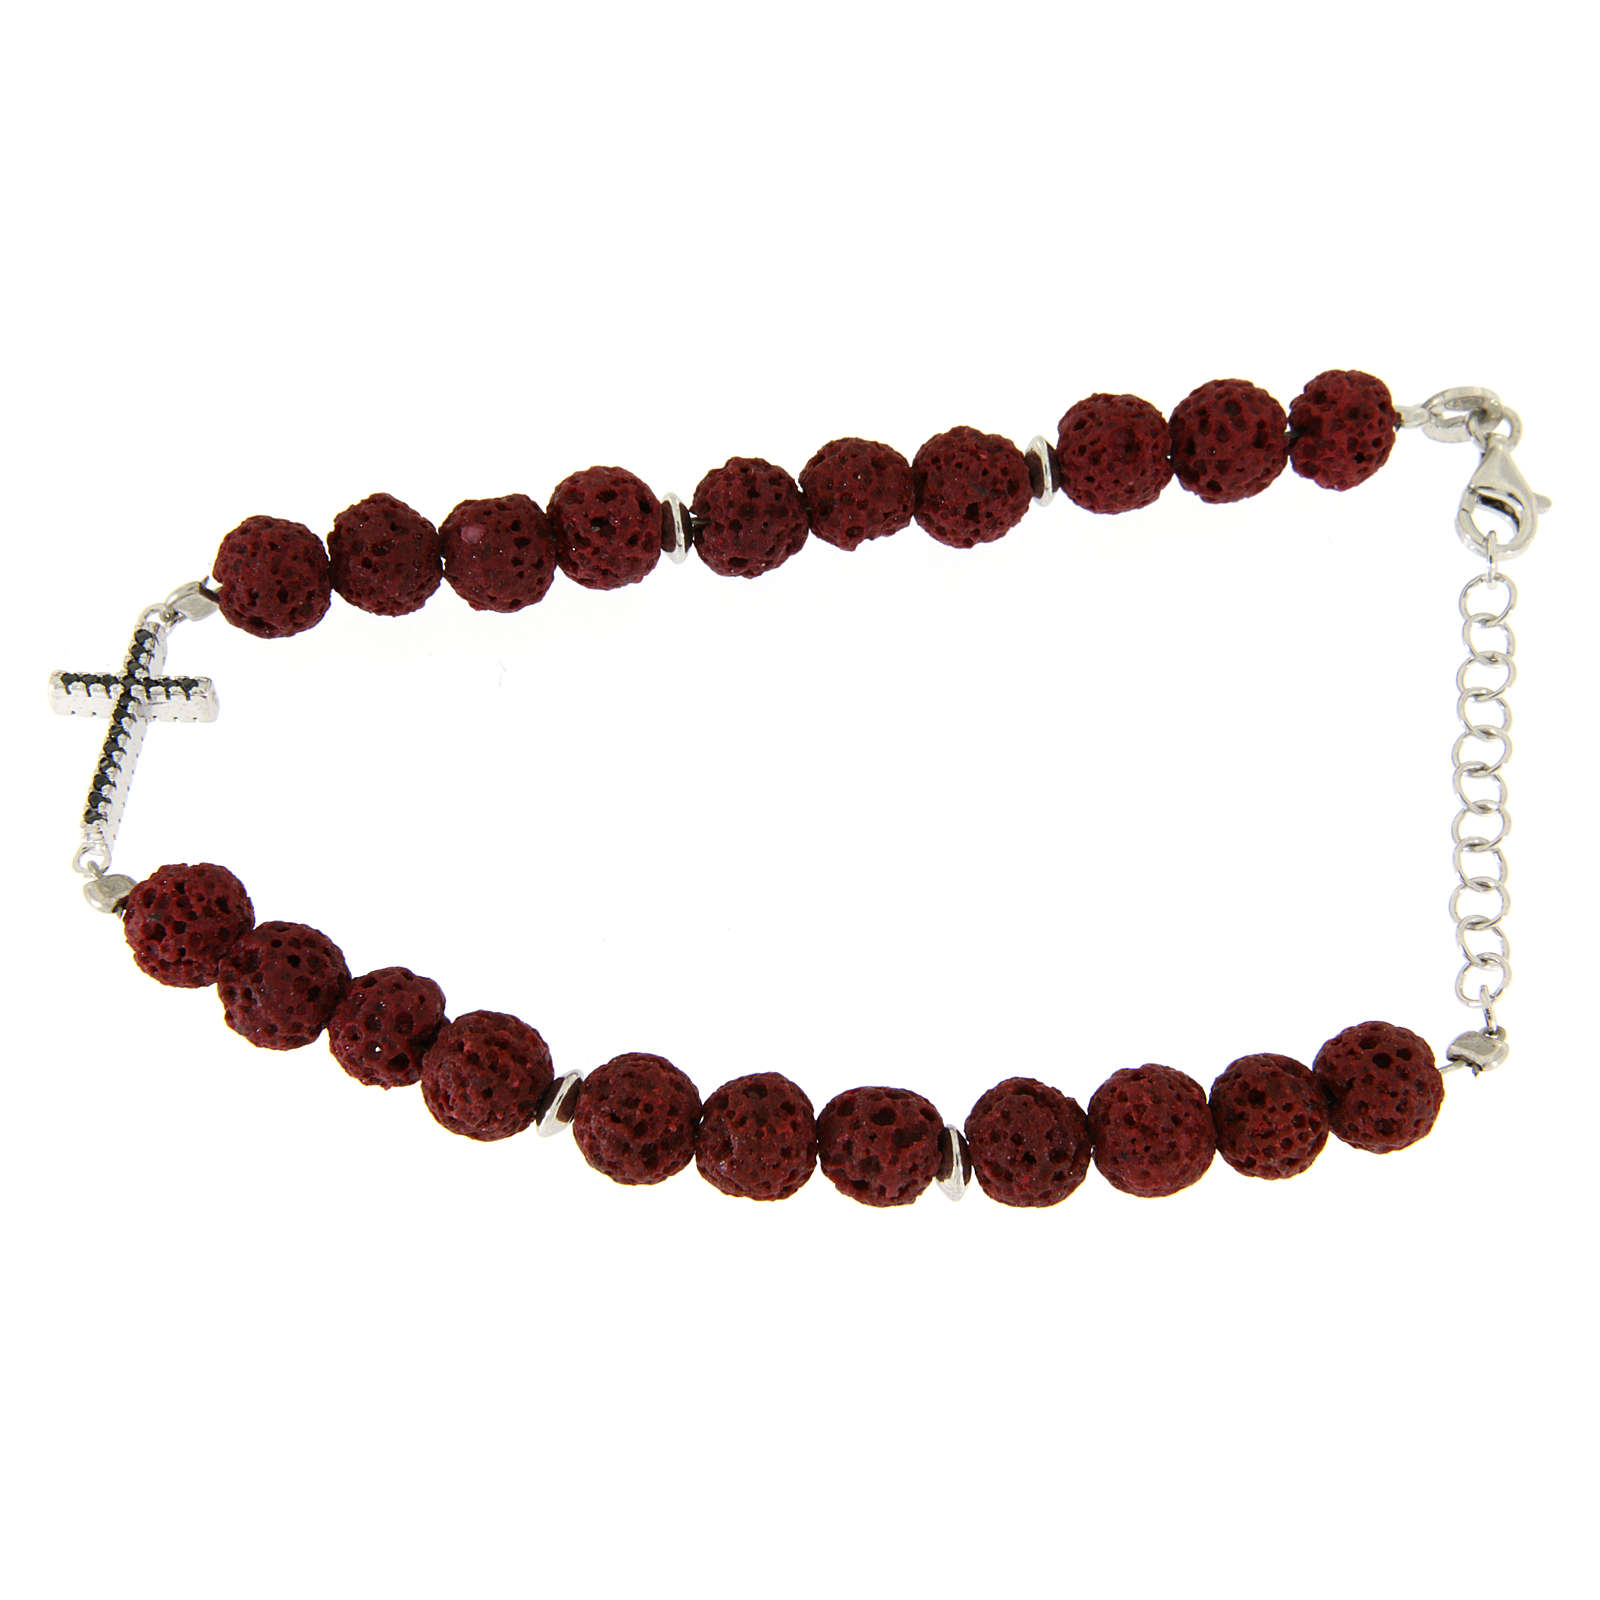 Bracciale con pietre laviche rosse, inserto croce zirconi neri - argento 925 4